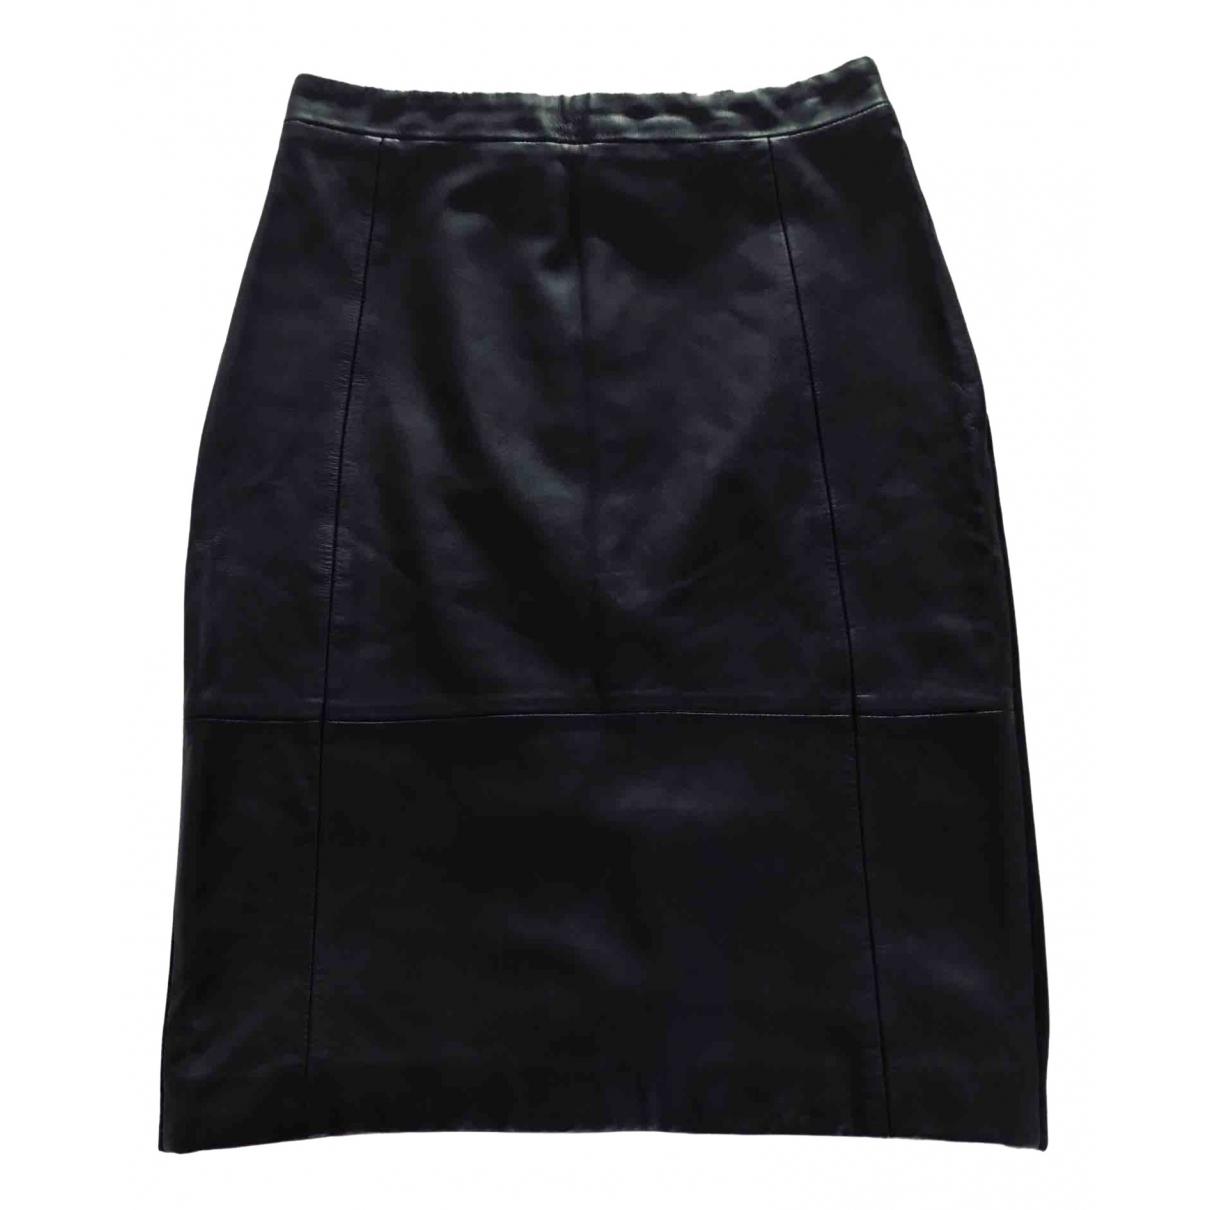 Reiss \N Black Leather skirt for Women 10 UK